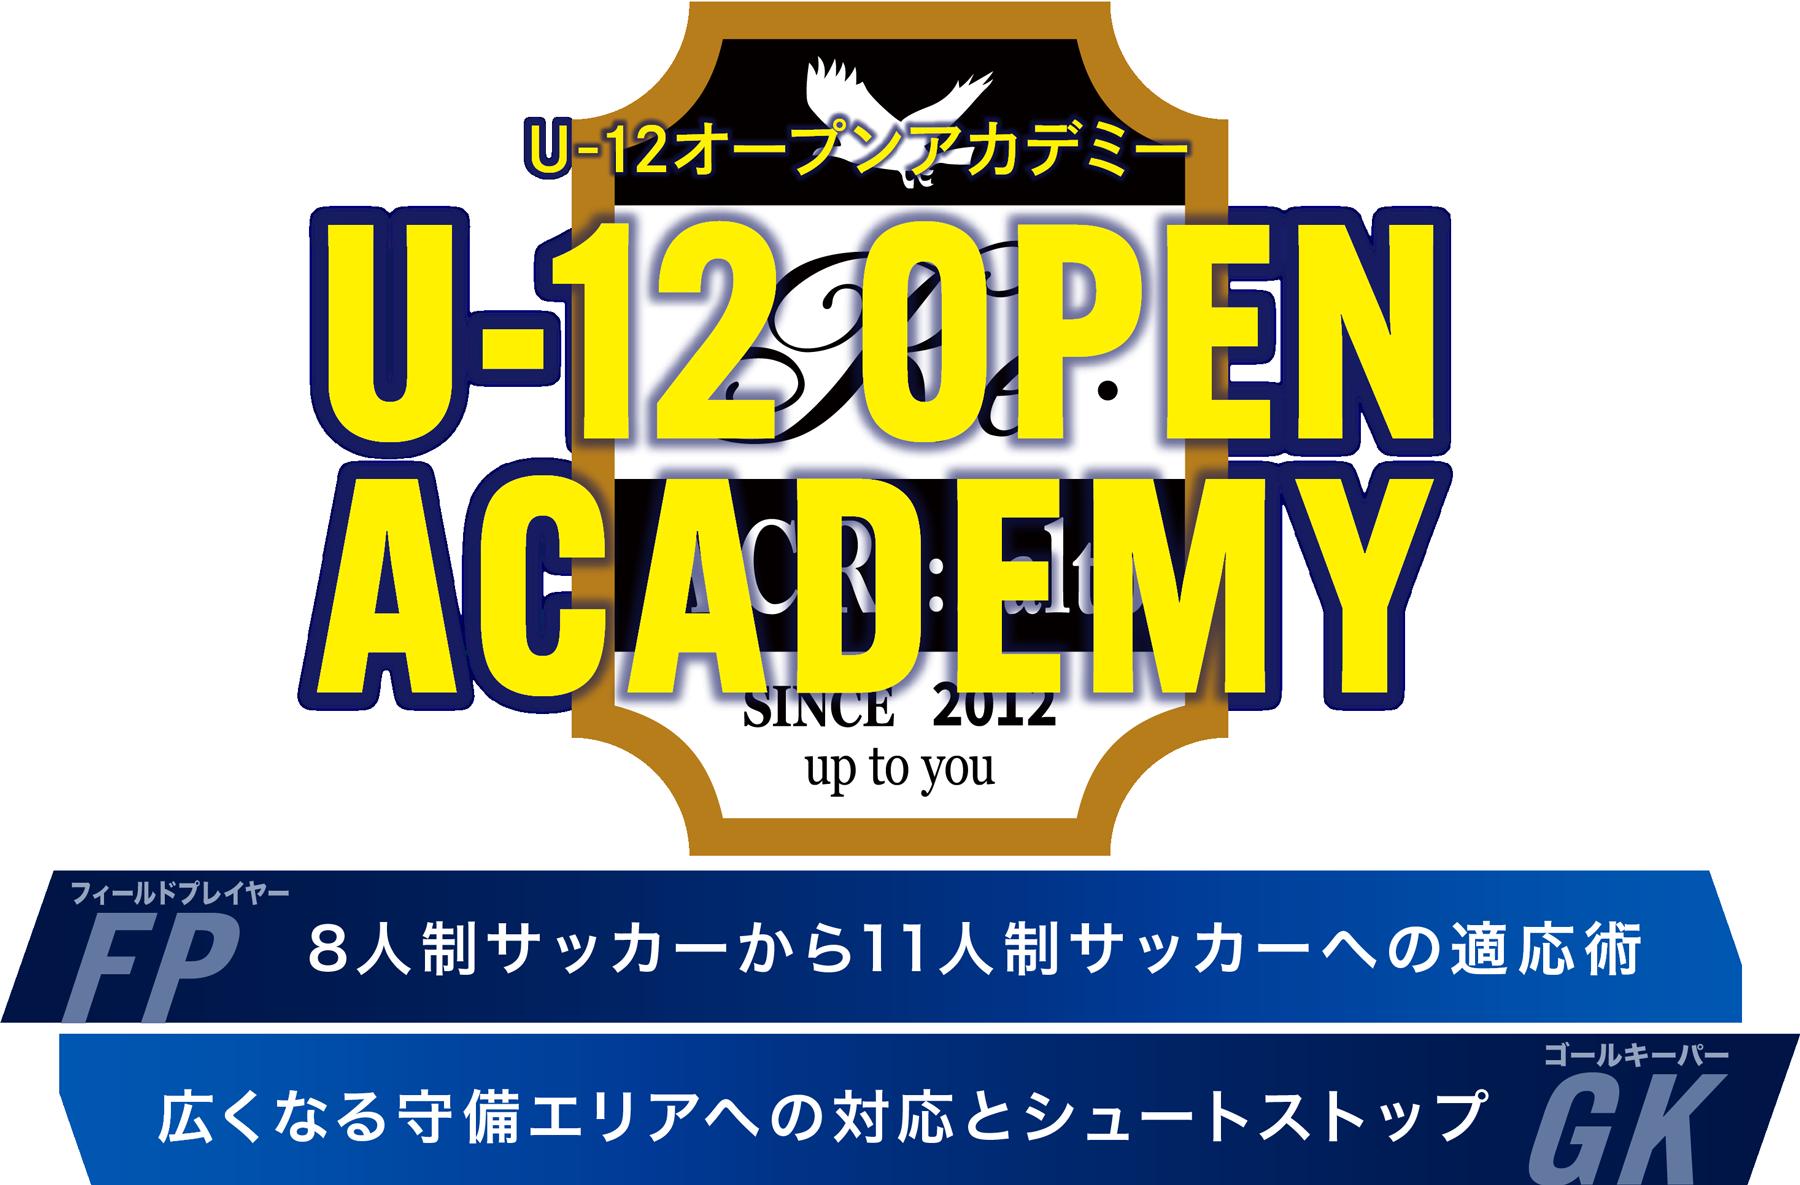 U12 OPEN ACADEMY